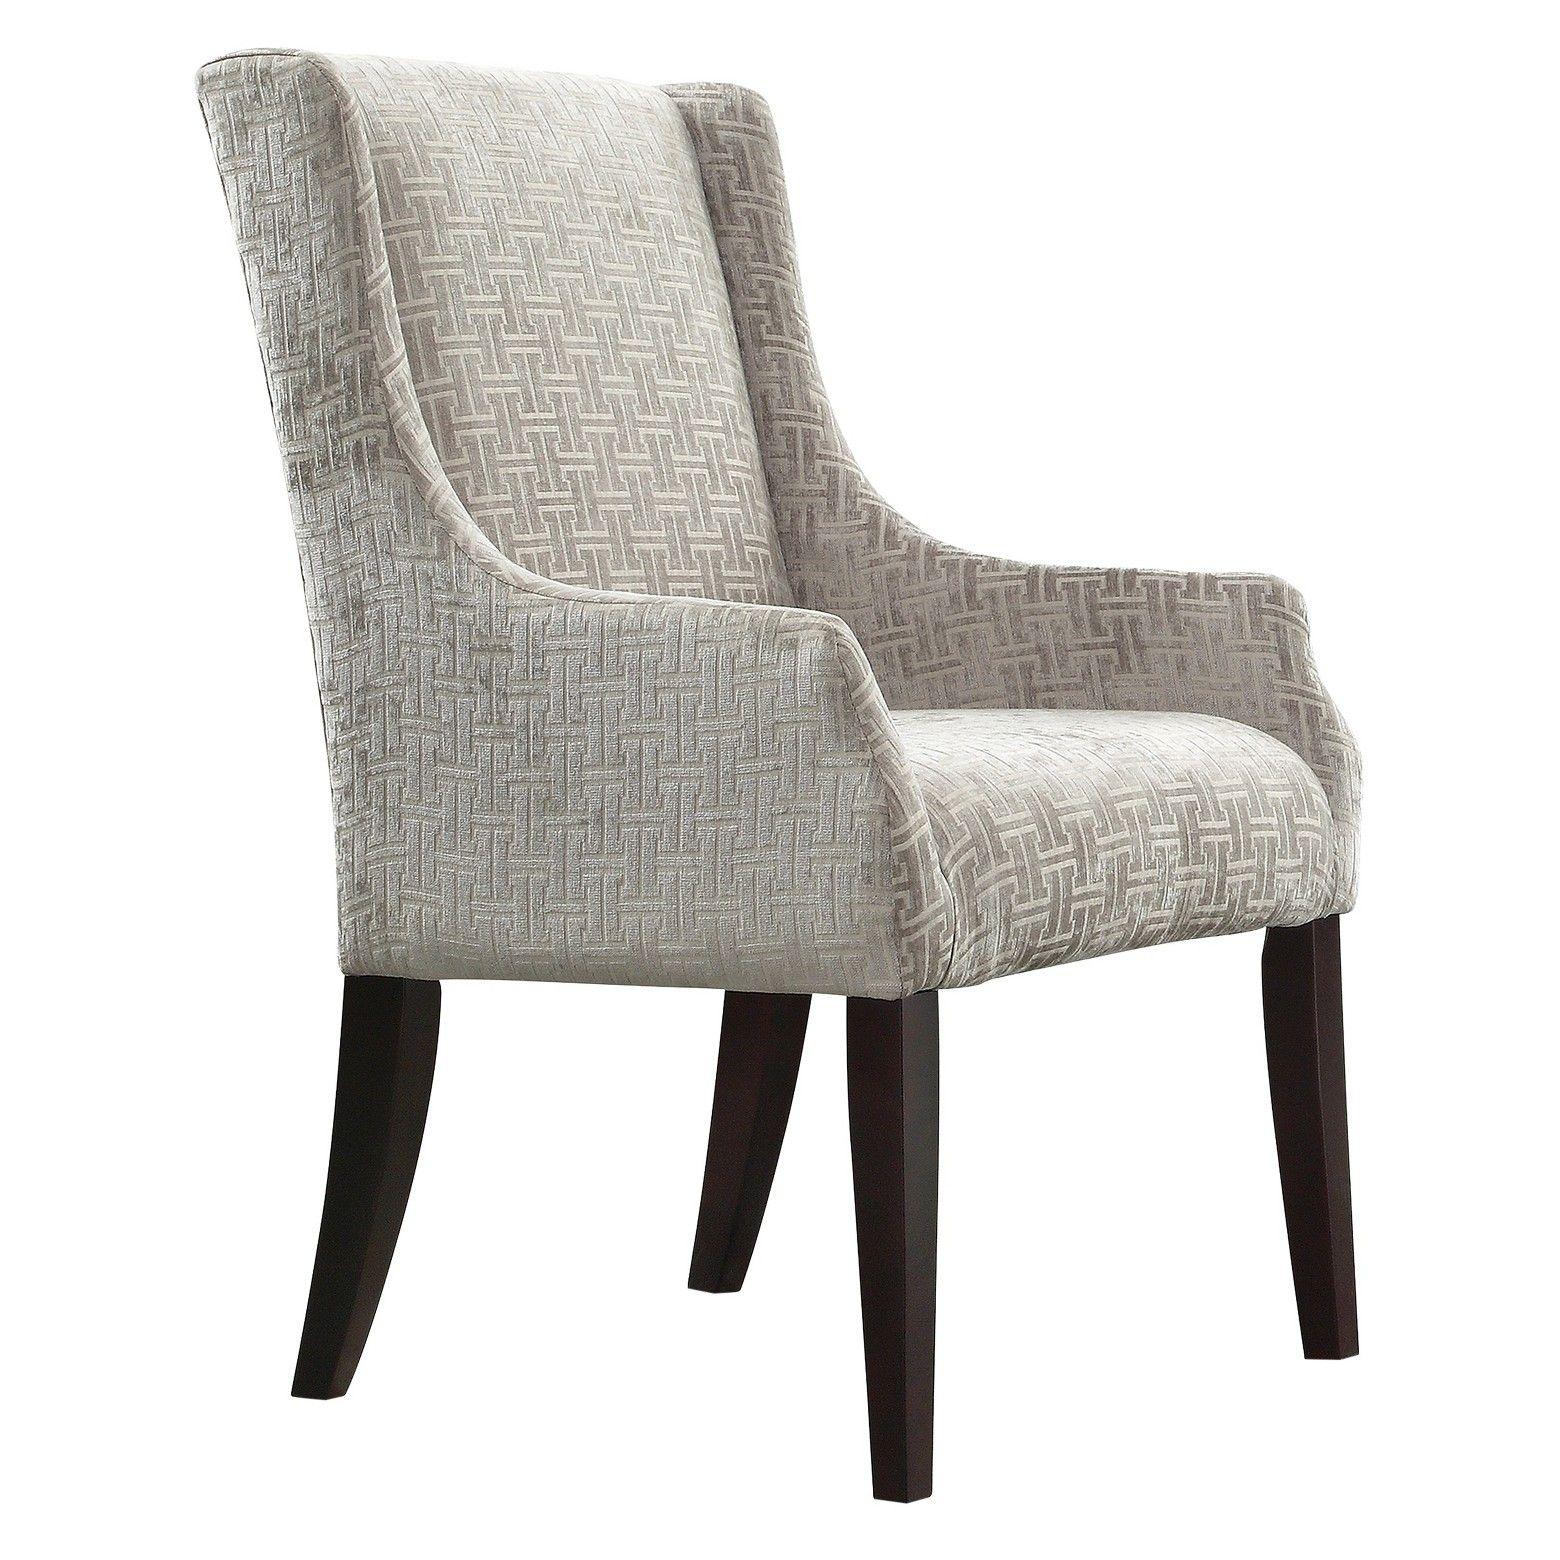 gardena sloped arm dining chair wood/velvety fret link - inspire q